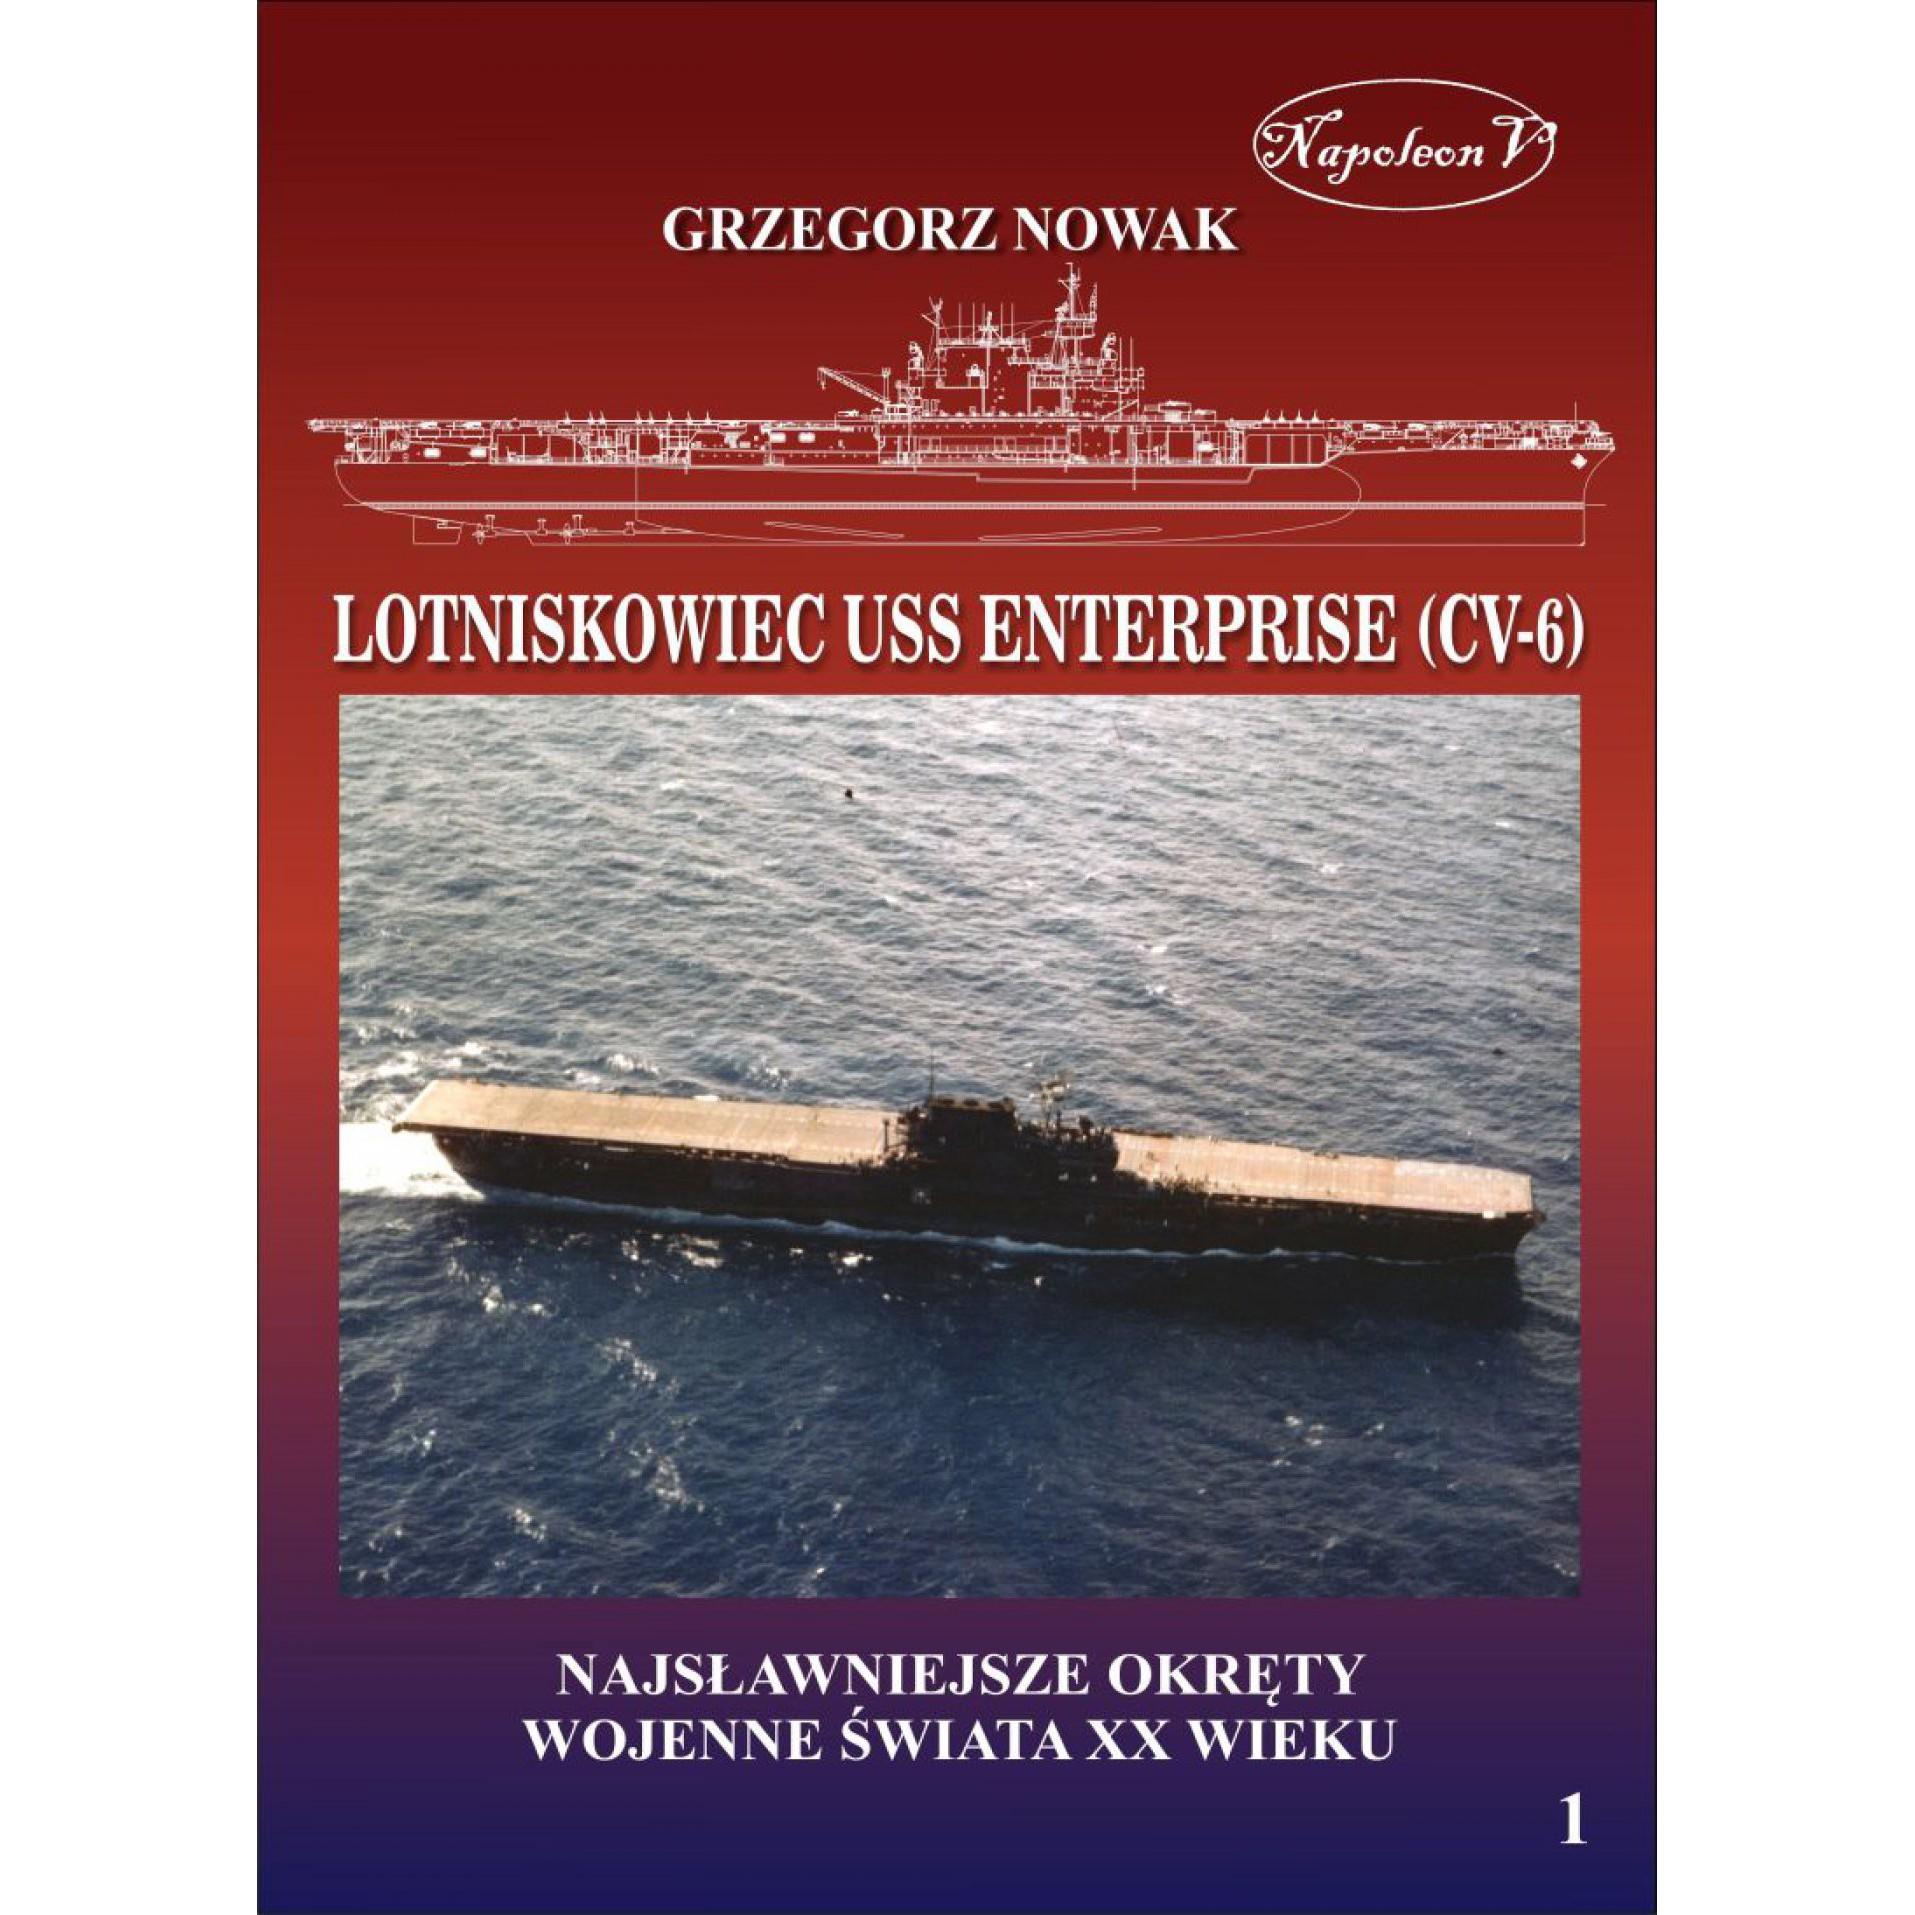 Amerykański lotniskowiec z II wojny światowej USS Enterprise (CV-6)